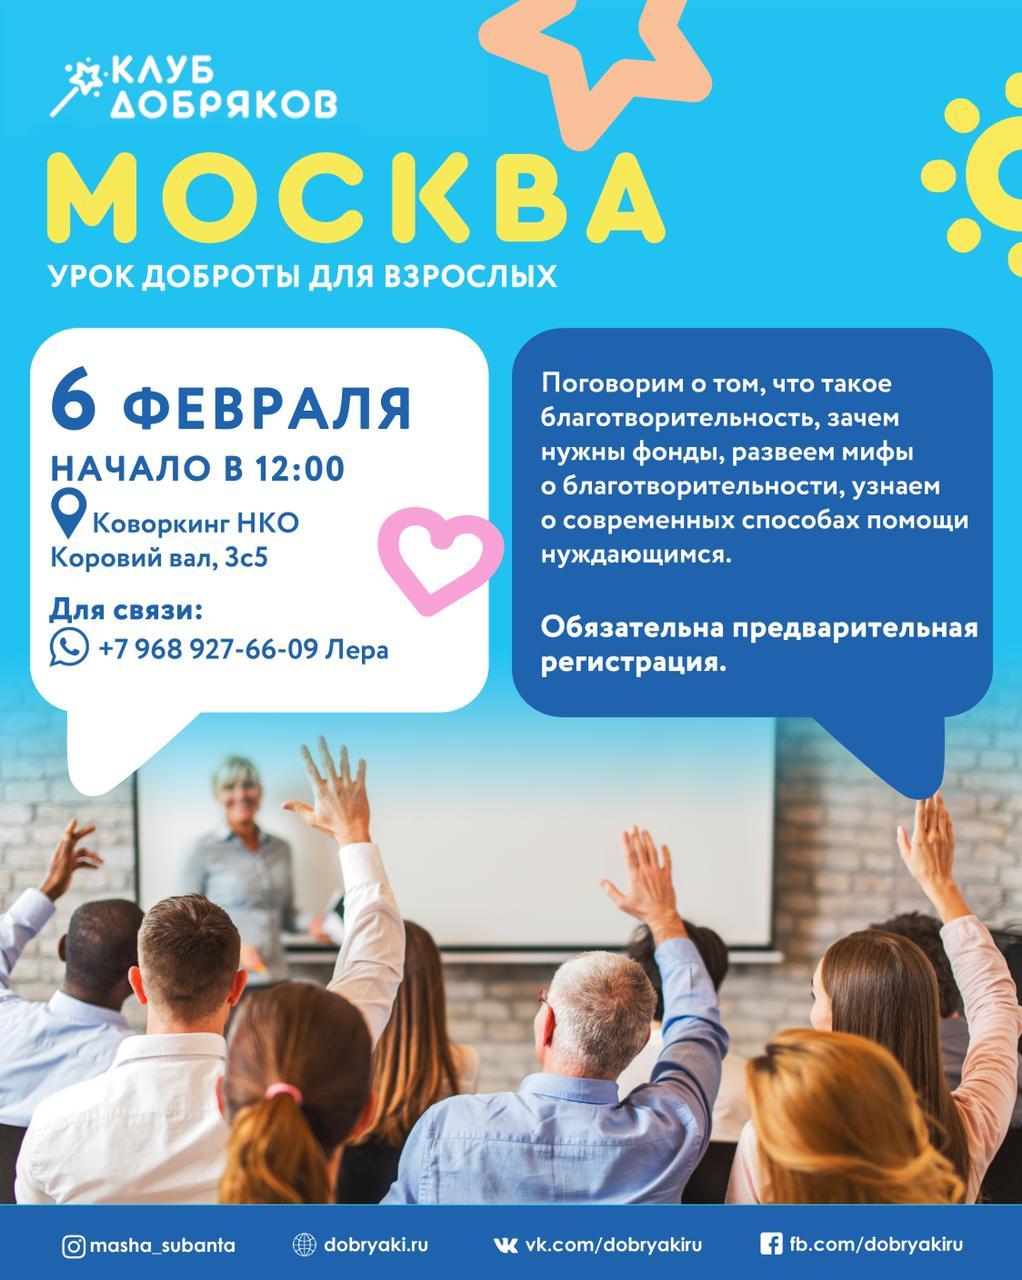 В Москве пройдет урок доброты для взрослых